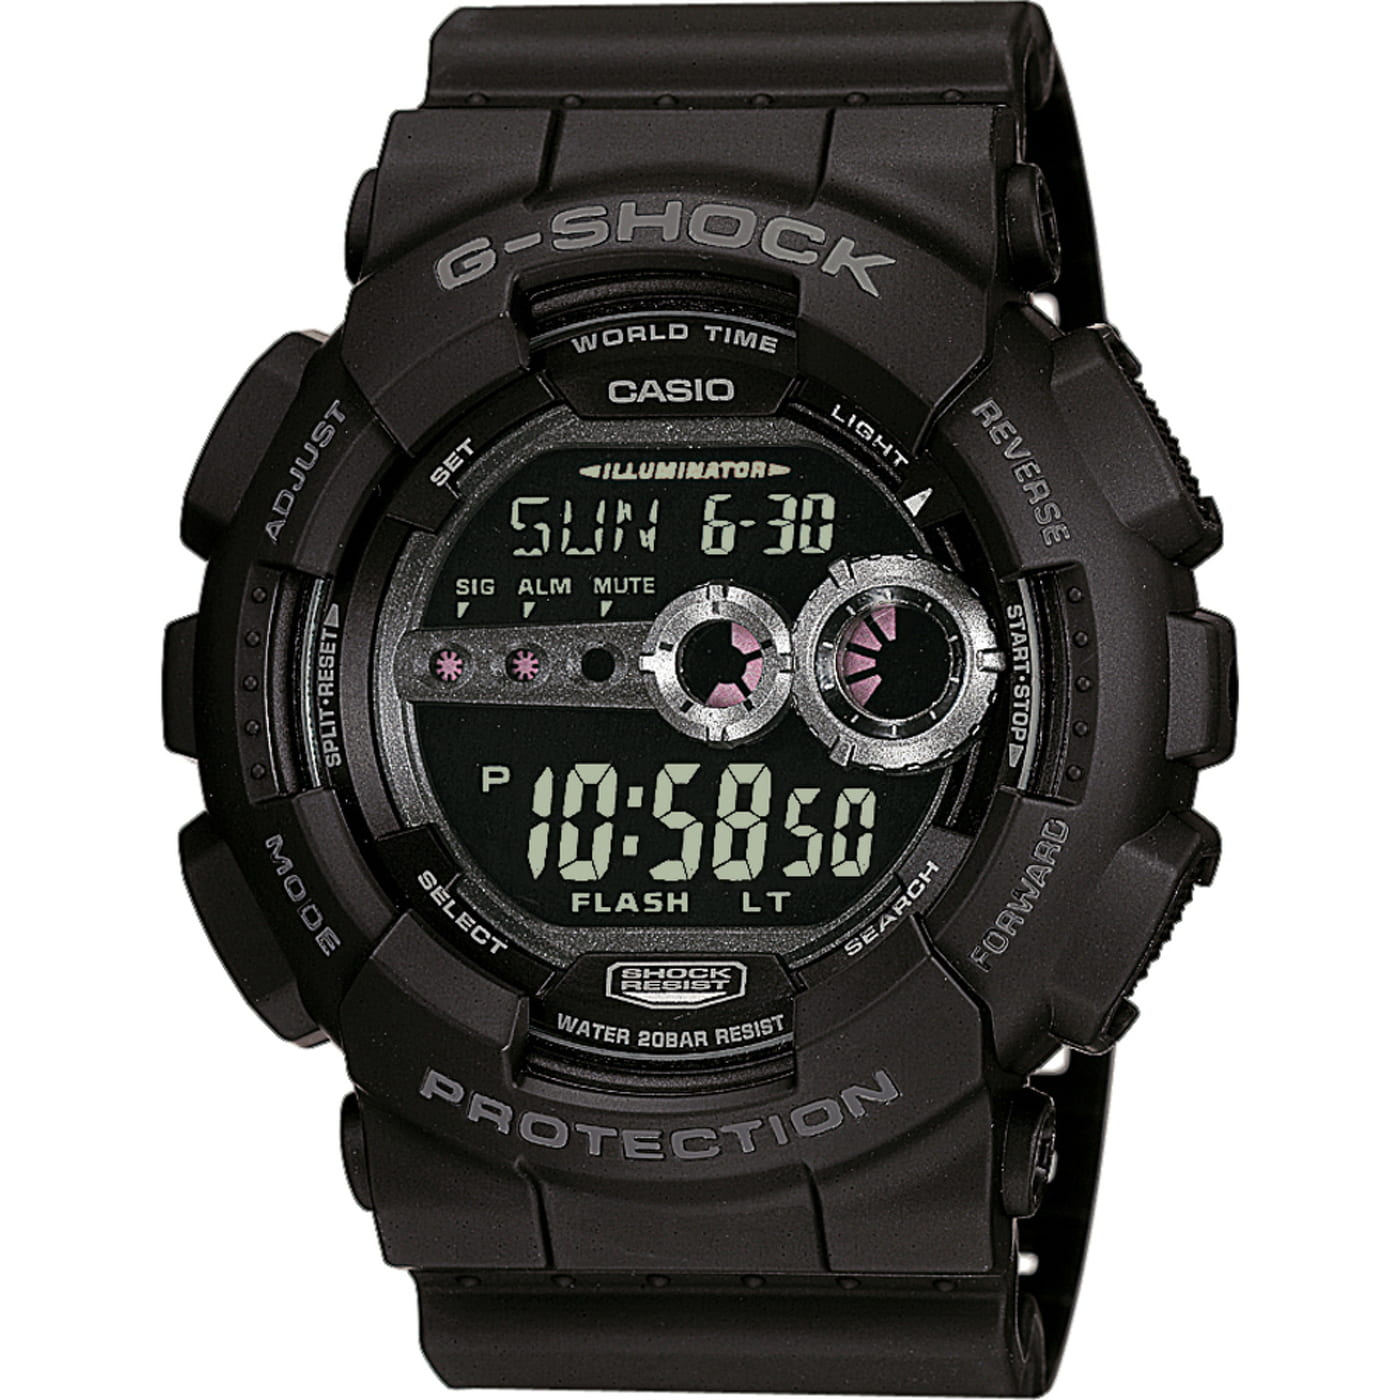 Casio G-Shock GD 100-1BER schwarz